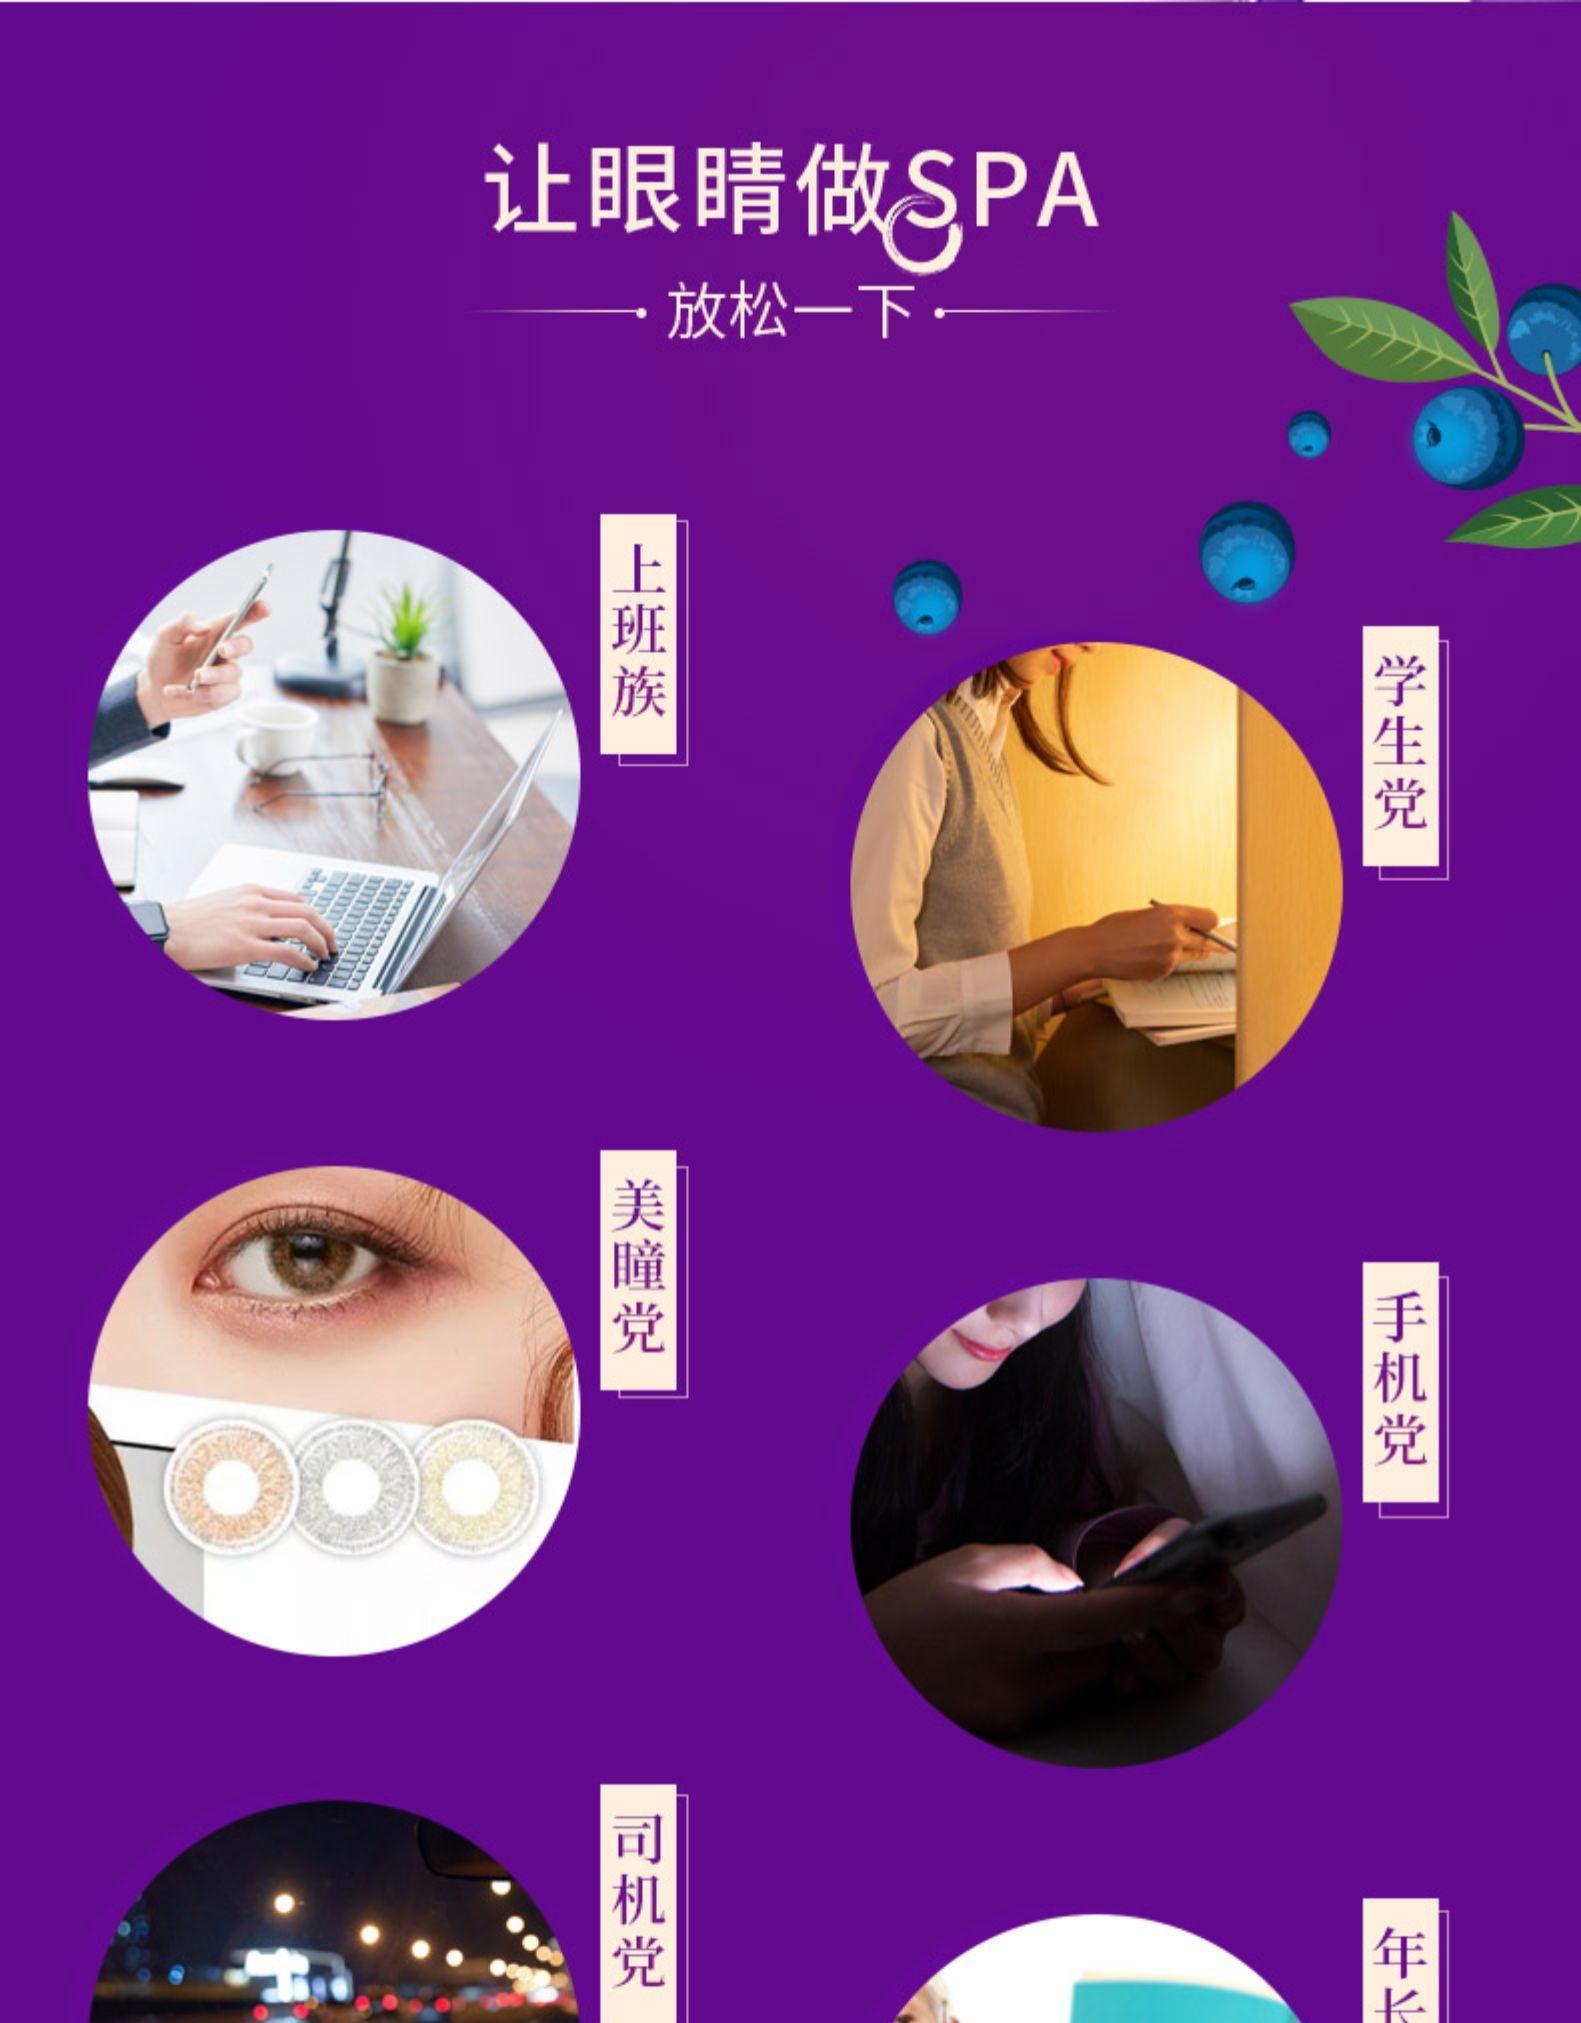 劲牌 持正堂 护眼蓝莓叶黄素酯片 图4